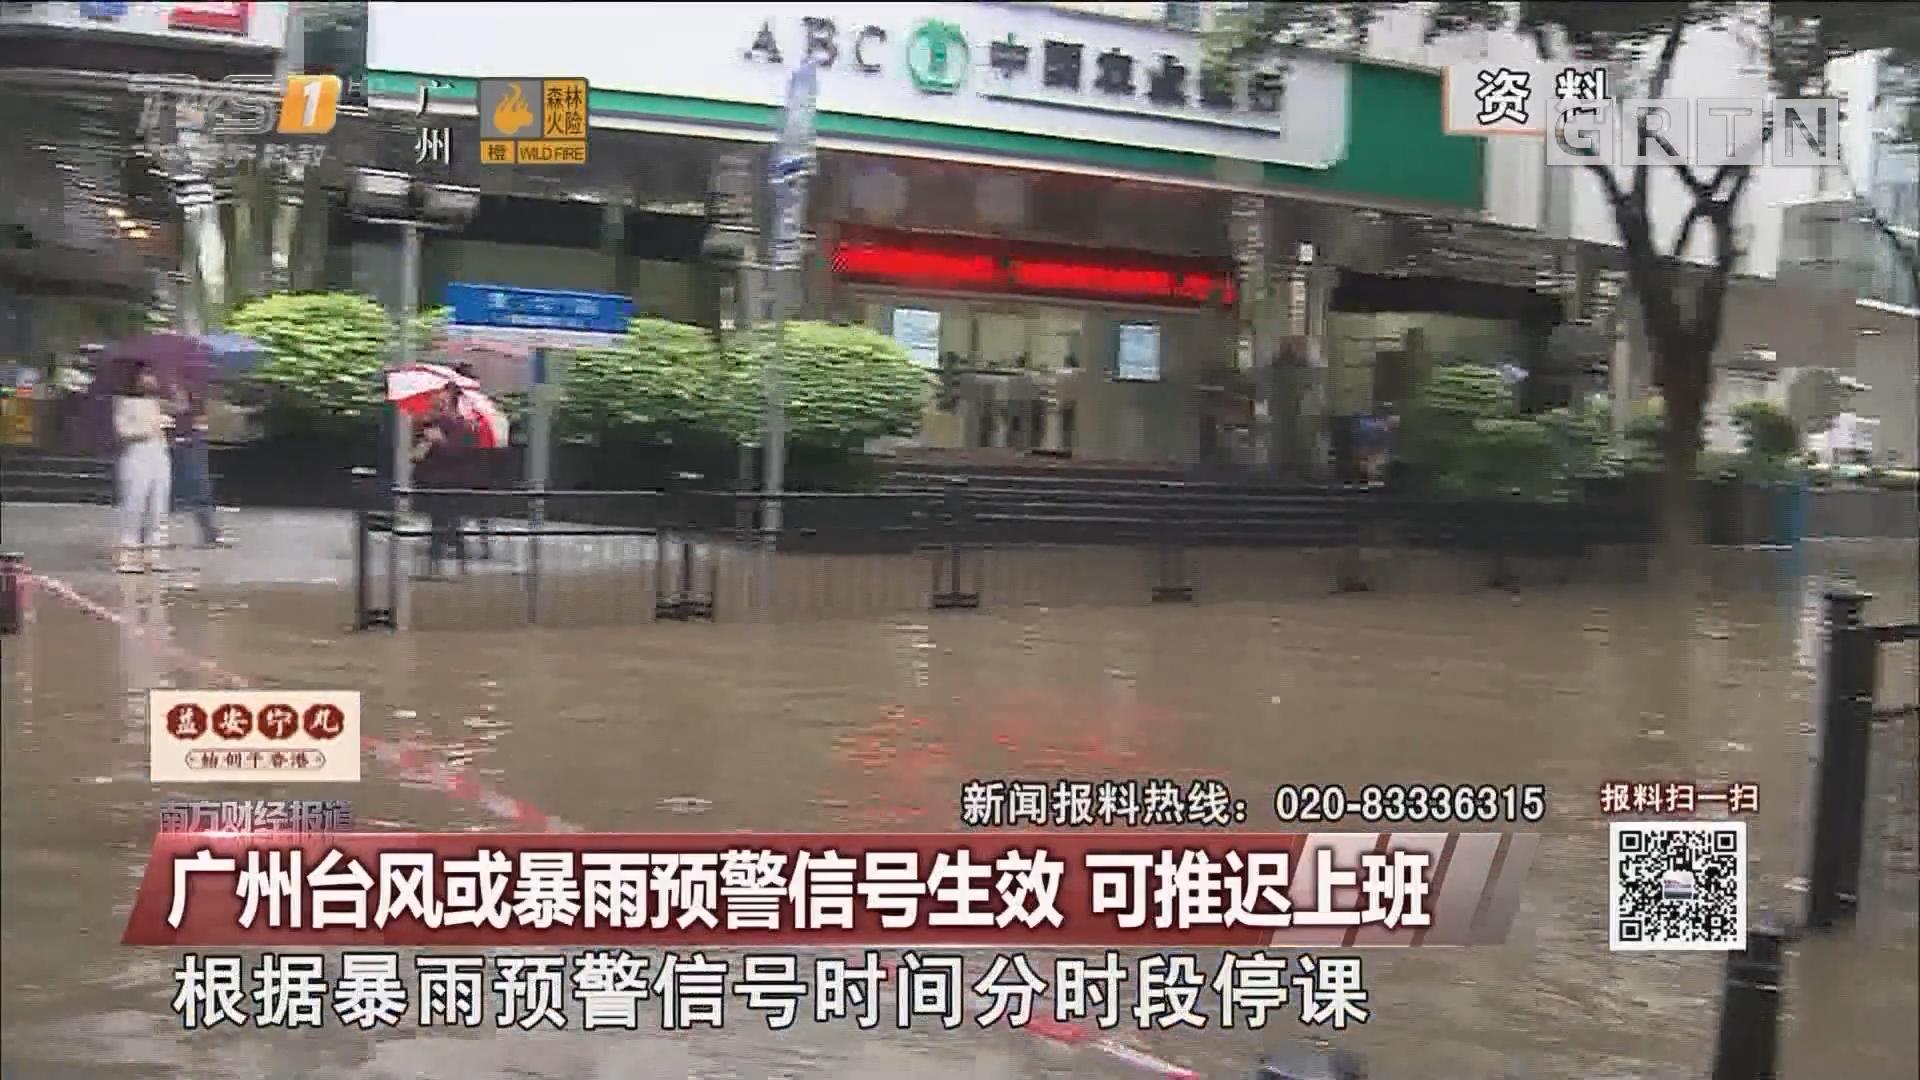 广州台风或暴雨预警信号生效 可推迟上班